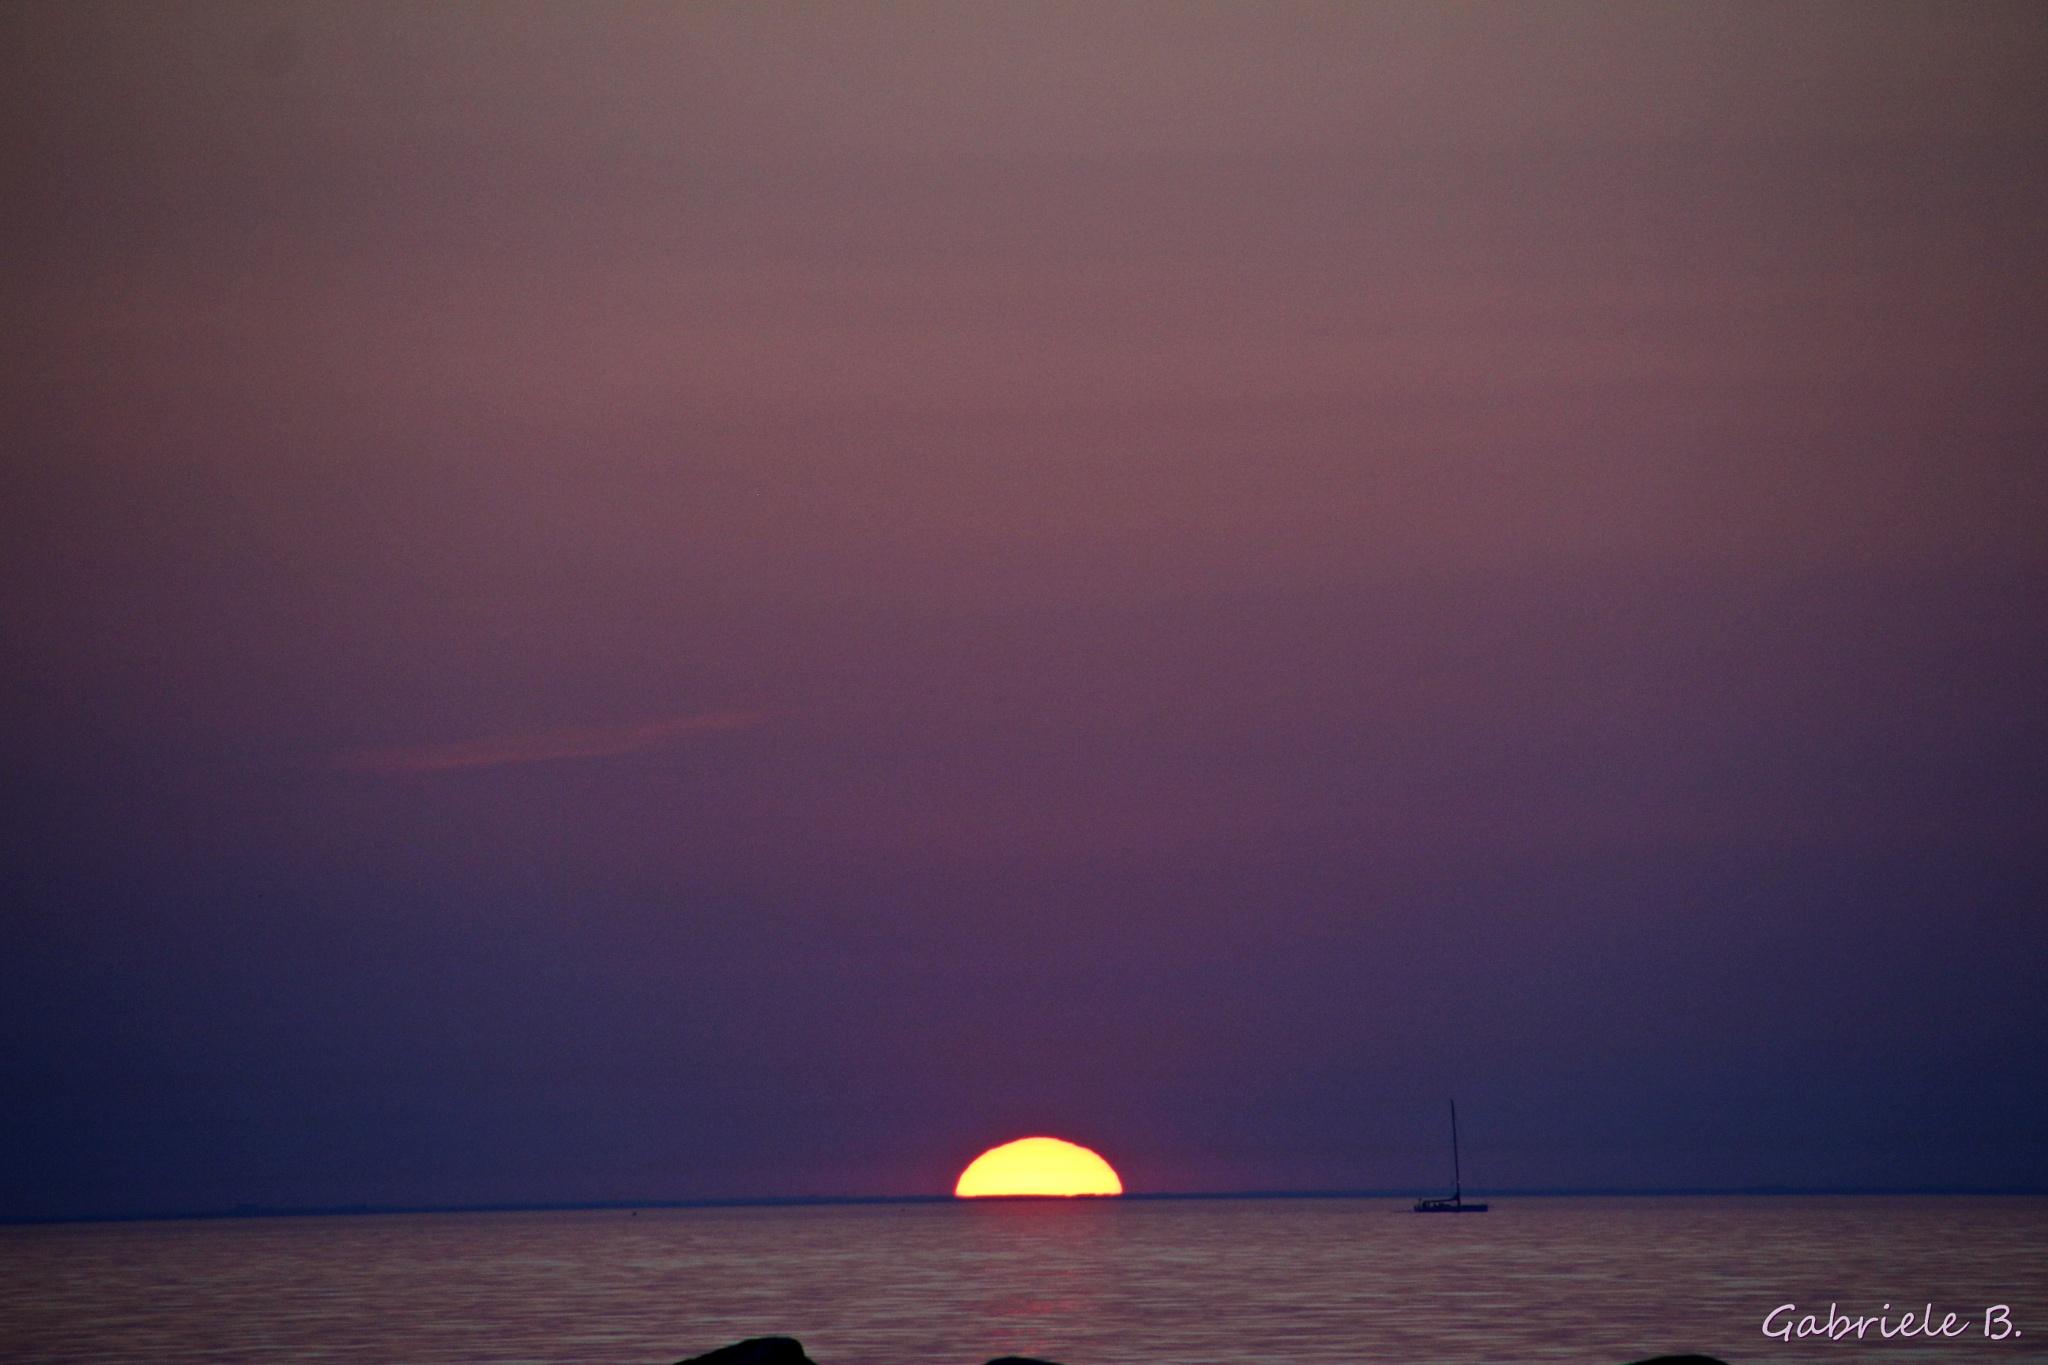 Sunset by gabrielehelenebittner